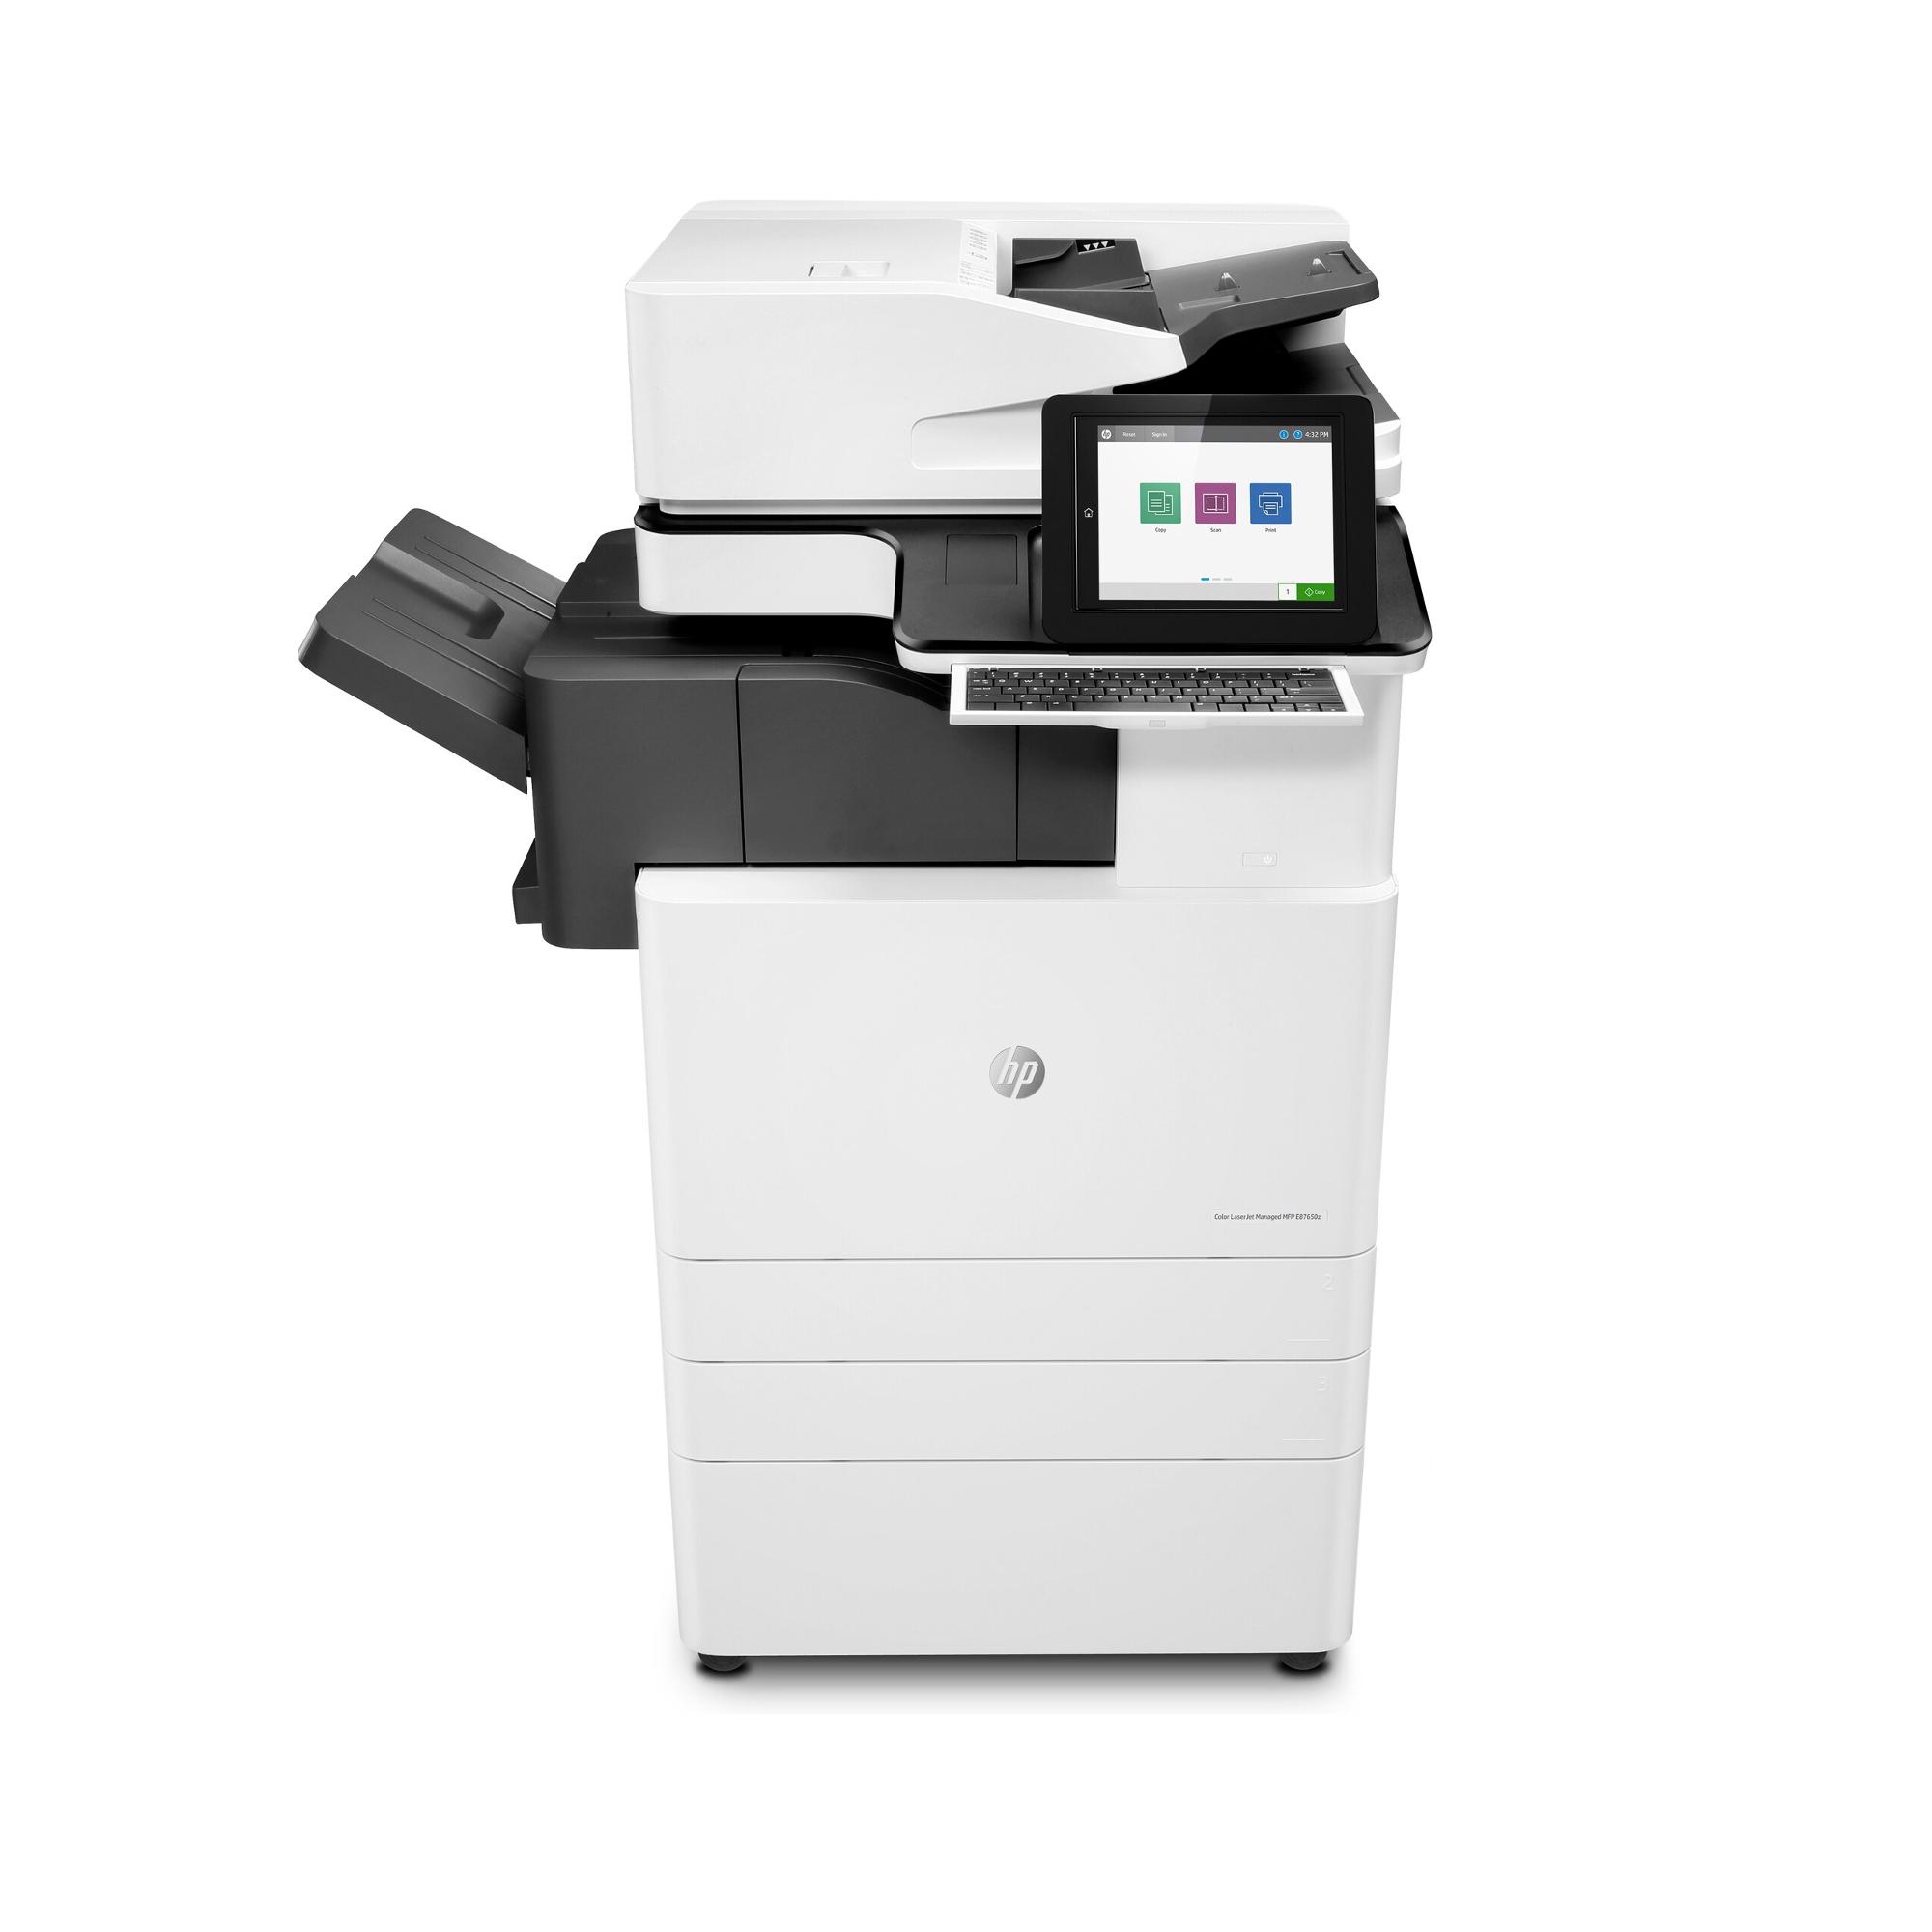 Noleggio Stampante Multifunzione HP LaserJet Managed E87650z Plus - Lyreco print services